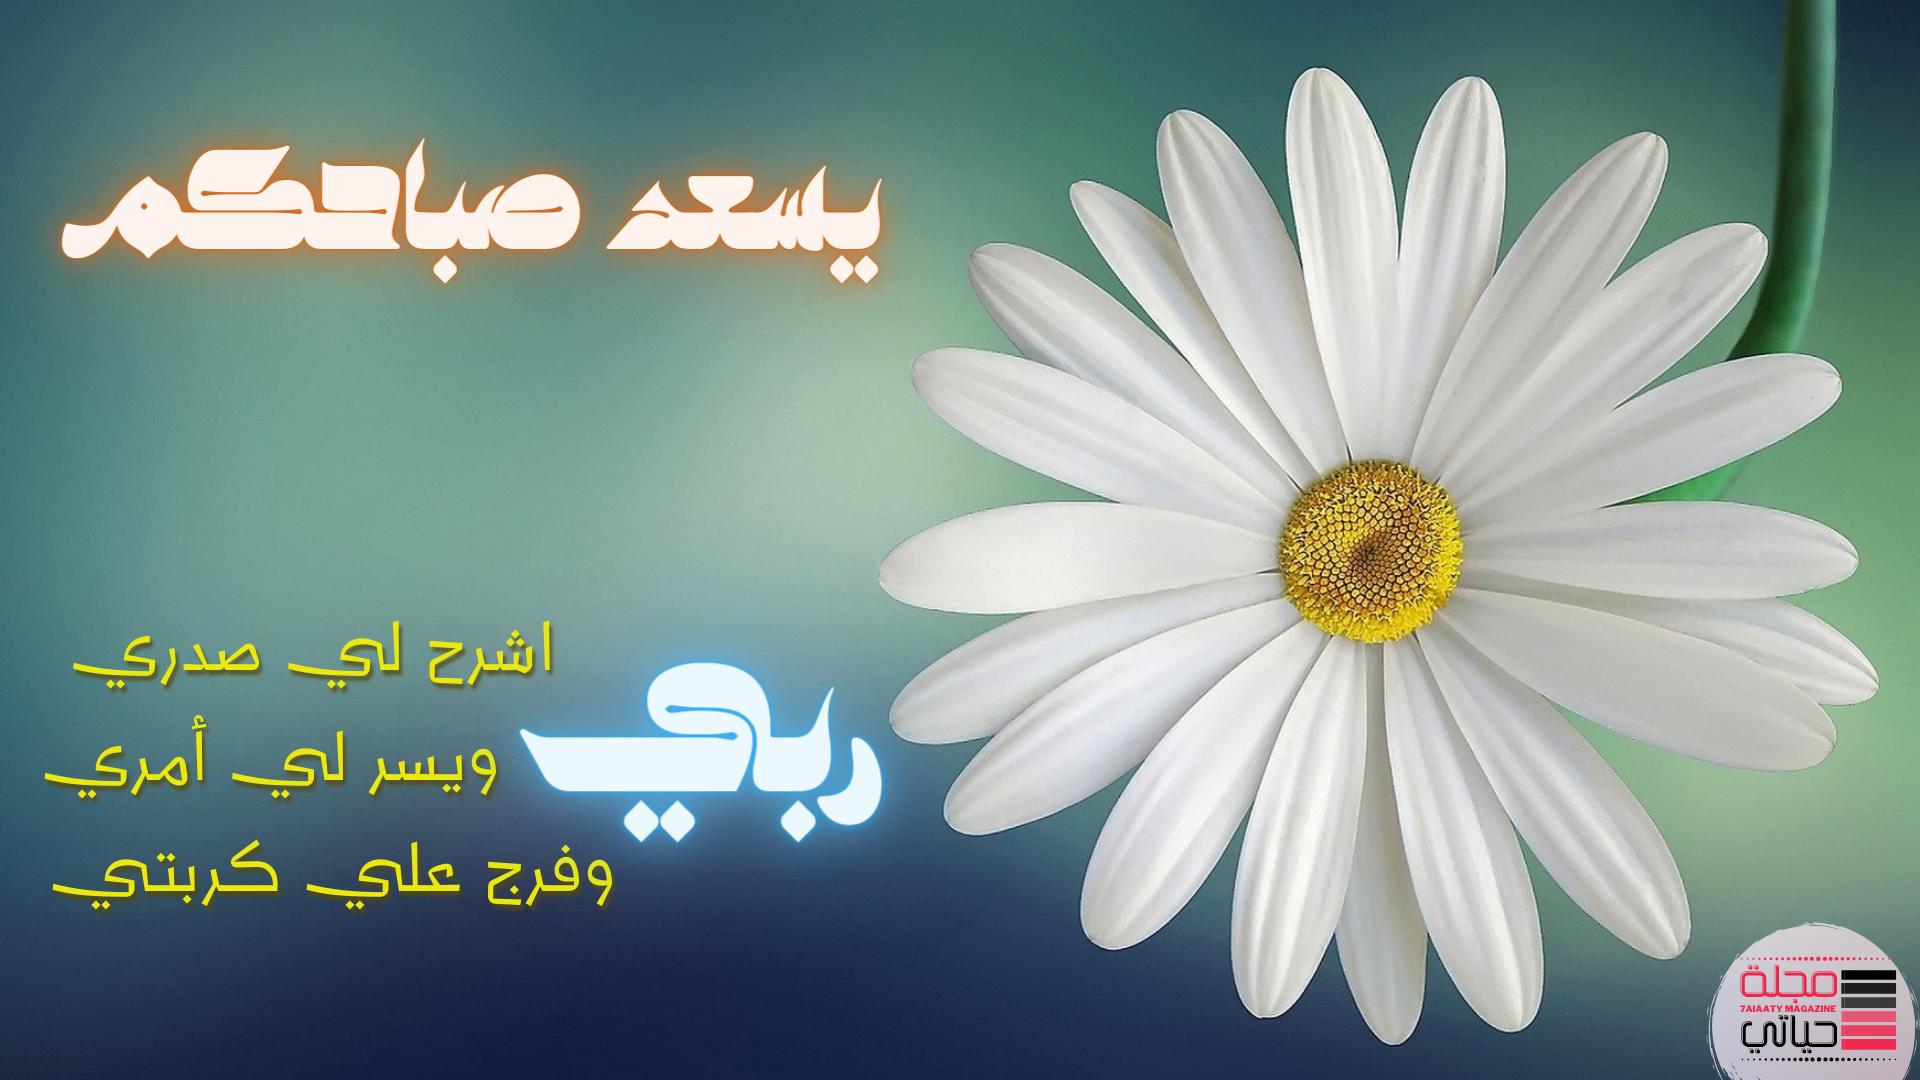 رقية من العين لقنها جبريل عليه السلام لرسول الله ﷺ